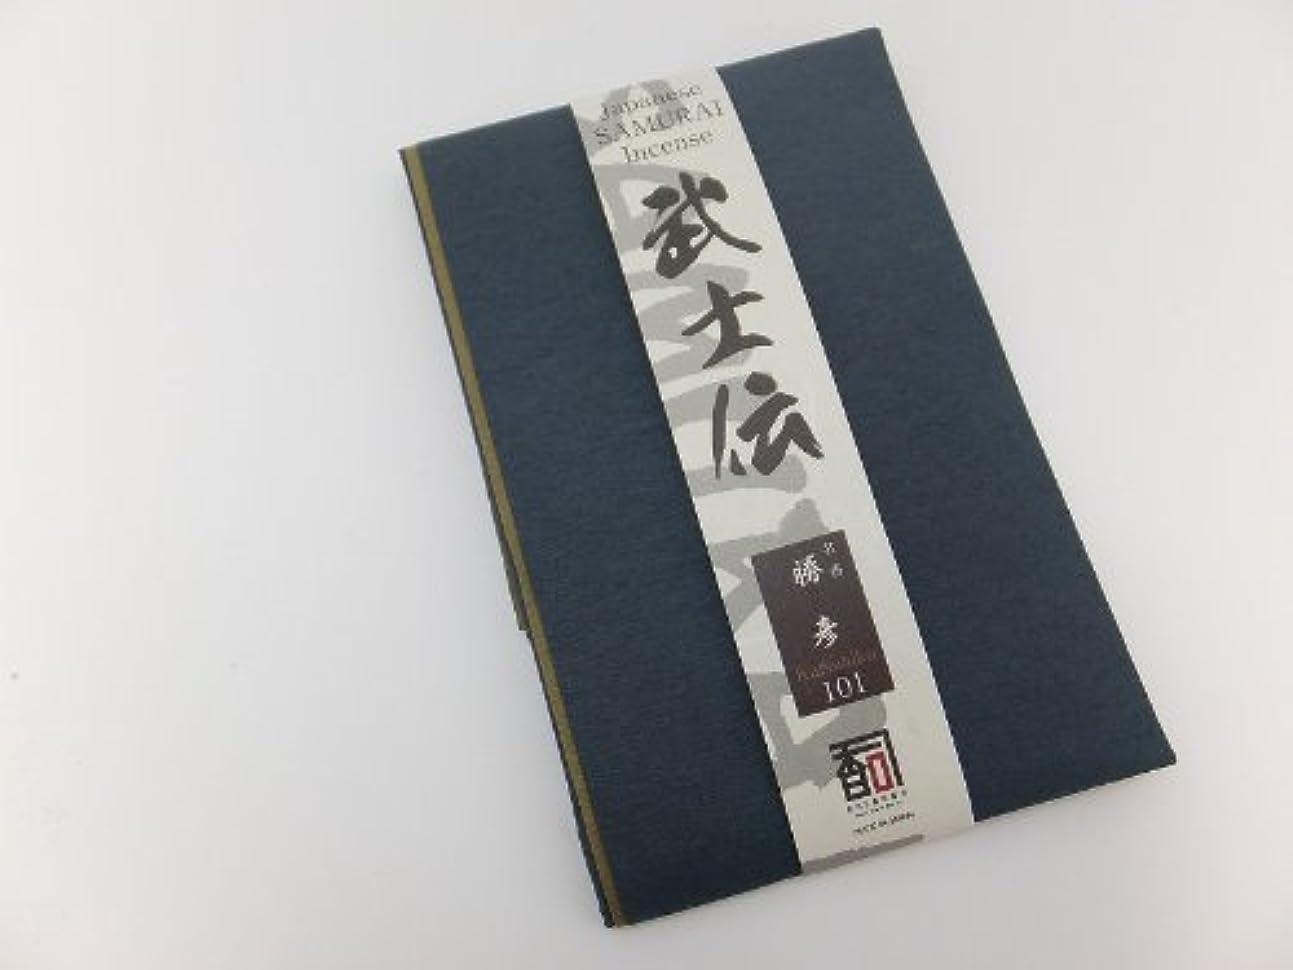 「あわじ島の香司」 日本の香りシリーズ 武士伝 【101】 勝彦 ◆経済産業大臣賞◆